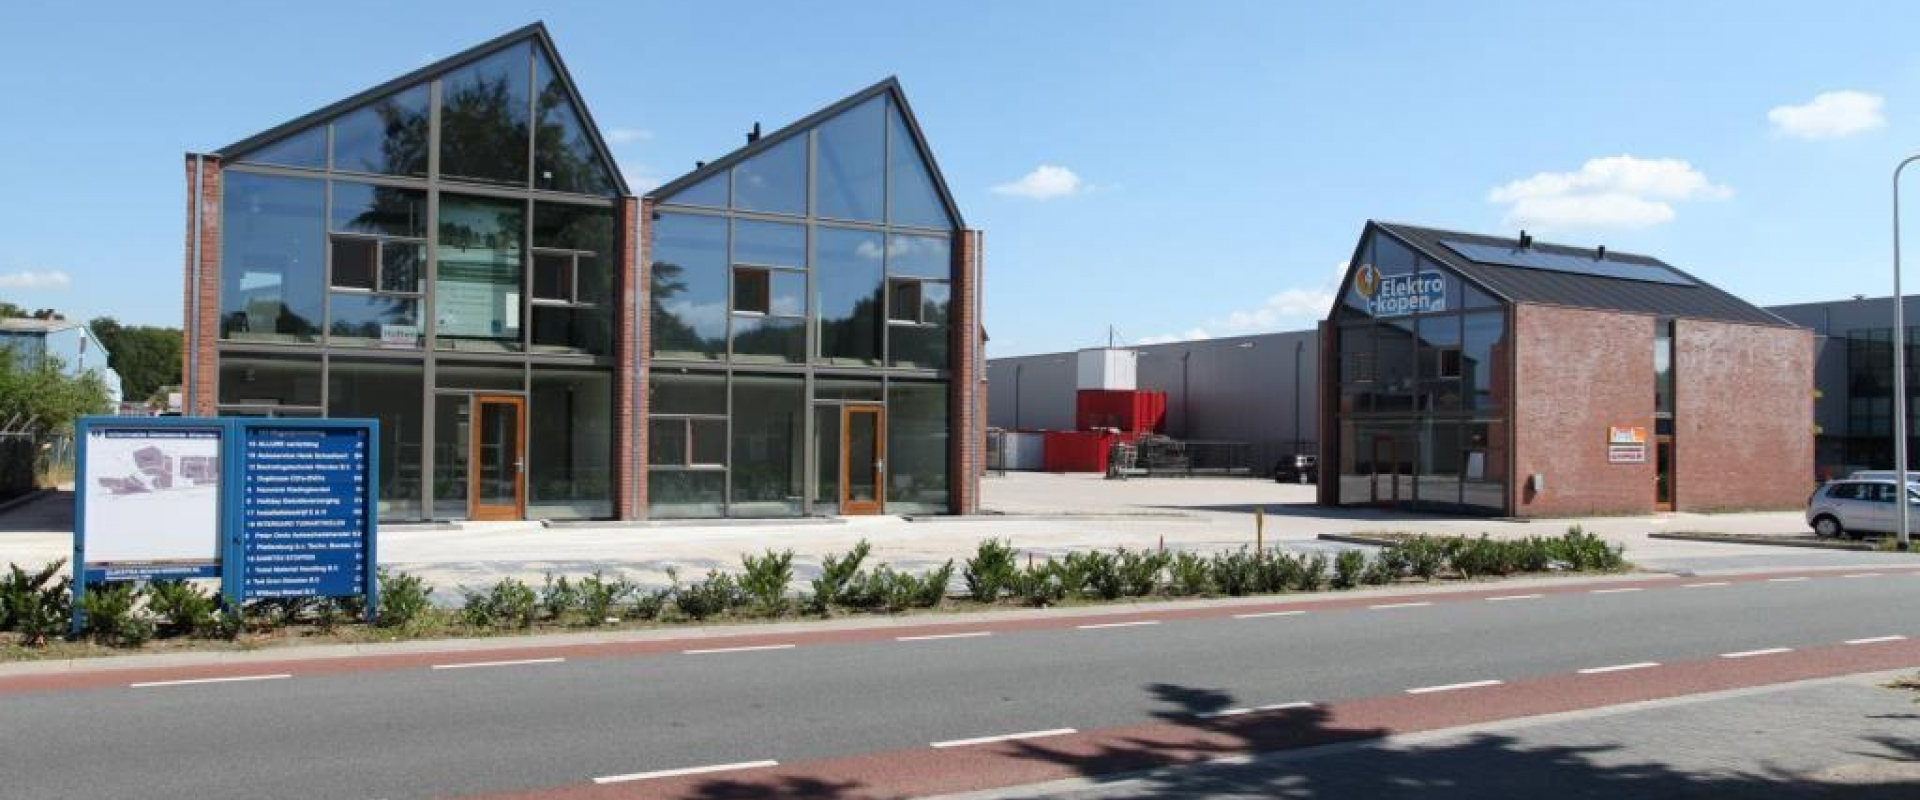 Schipperdouwesarchitectuur Ondernemersdorp Wierden 11